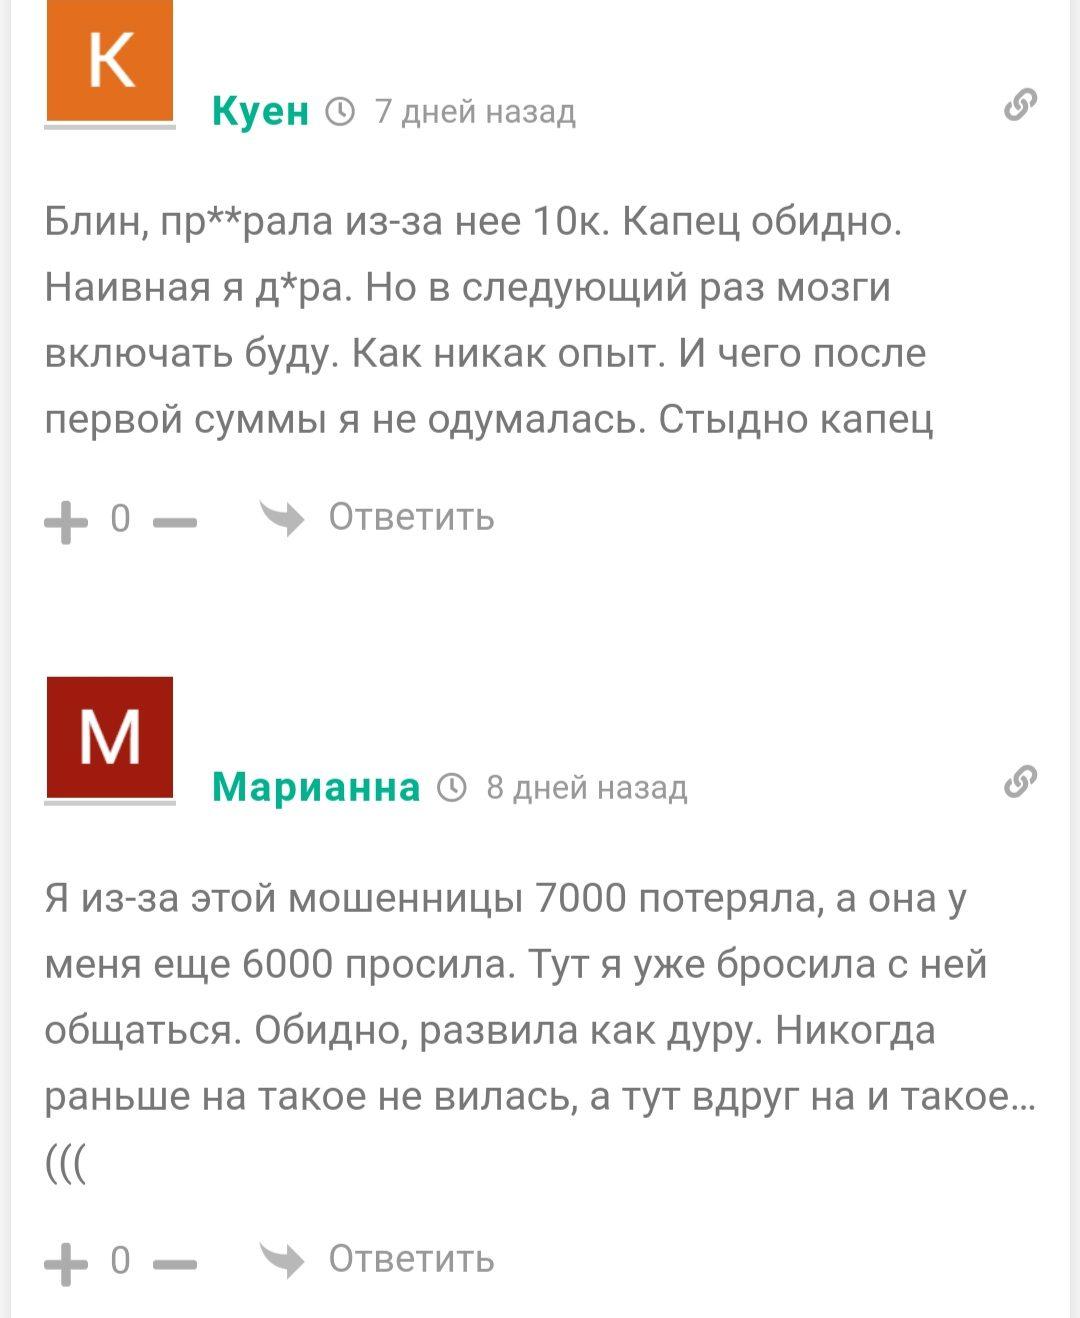 Отзывы о Телеграмм канале Катя-Катерина